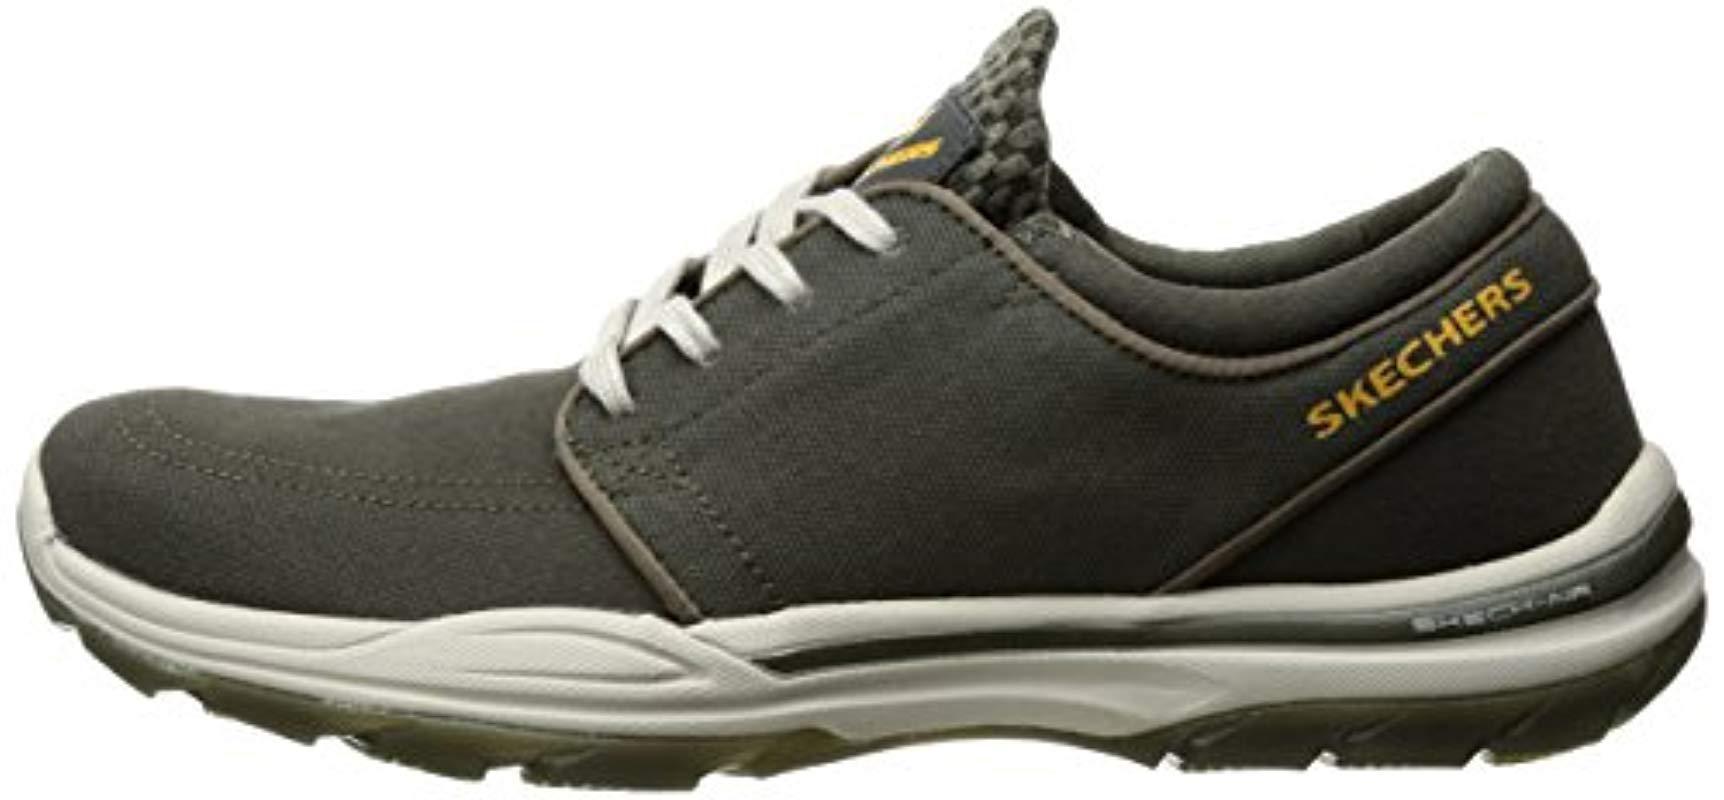 NEW Mens Skechers ELMENT VENTON Casual Shoes Color Black Gray On Sale